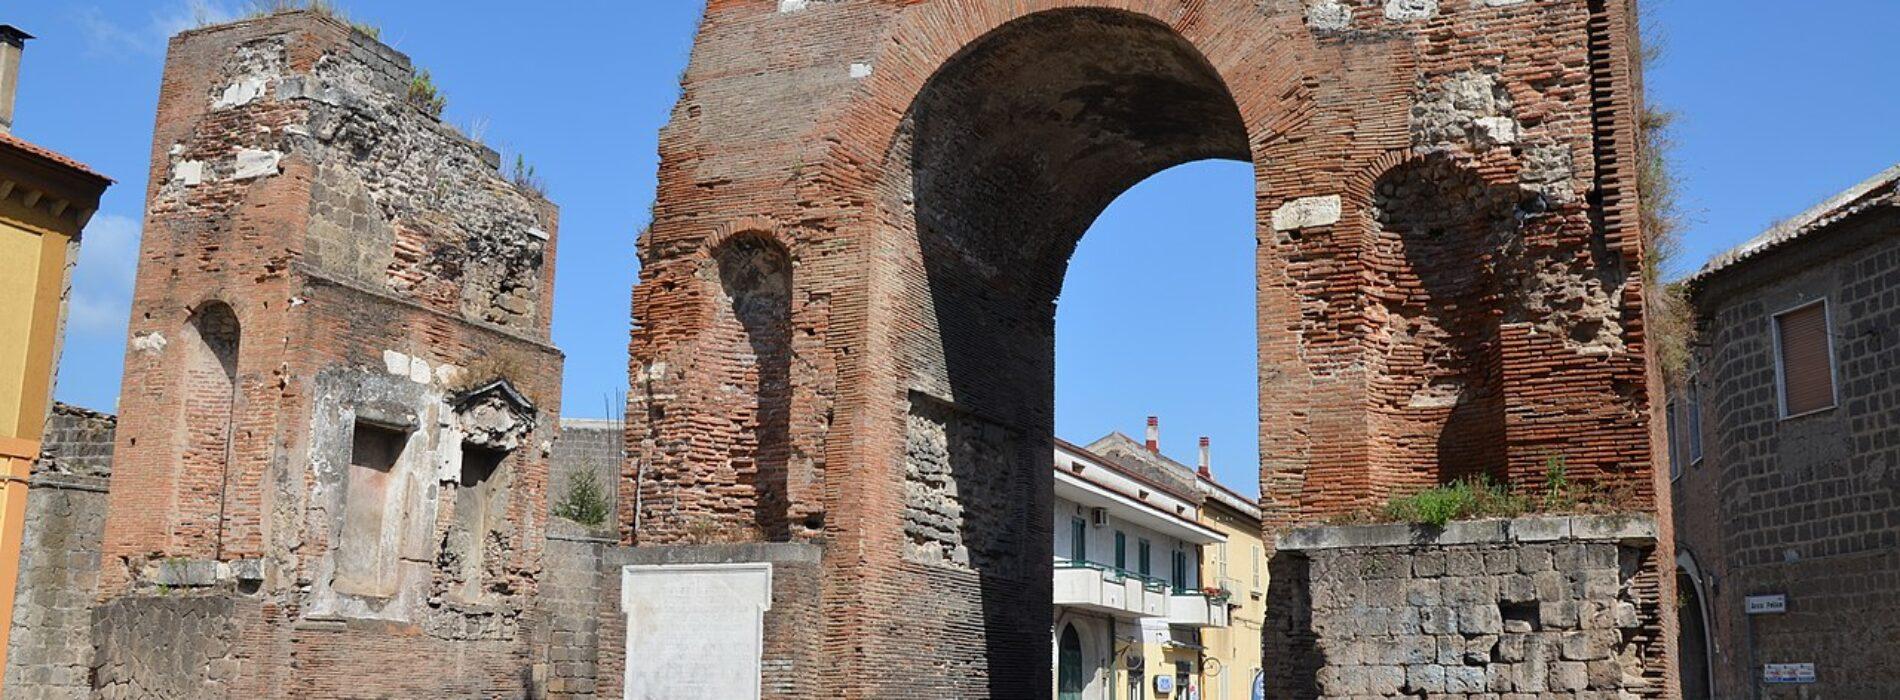 Memorie di Adriano, vive il restauro l'Arco di Trionfo capuano